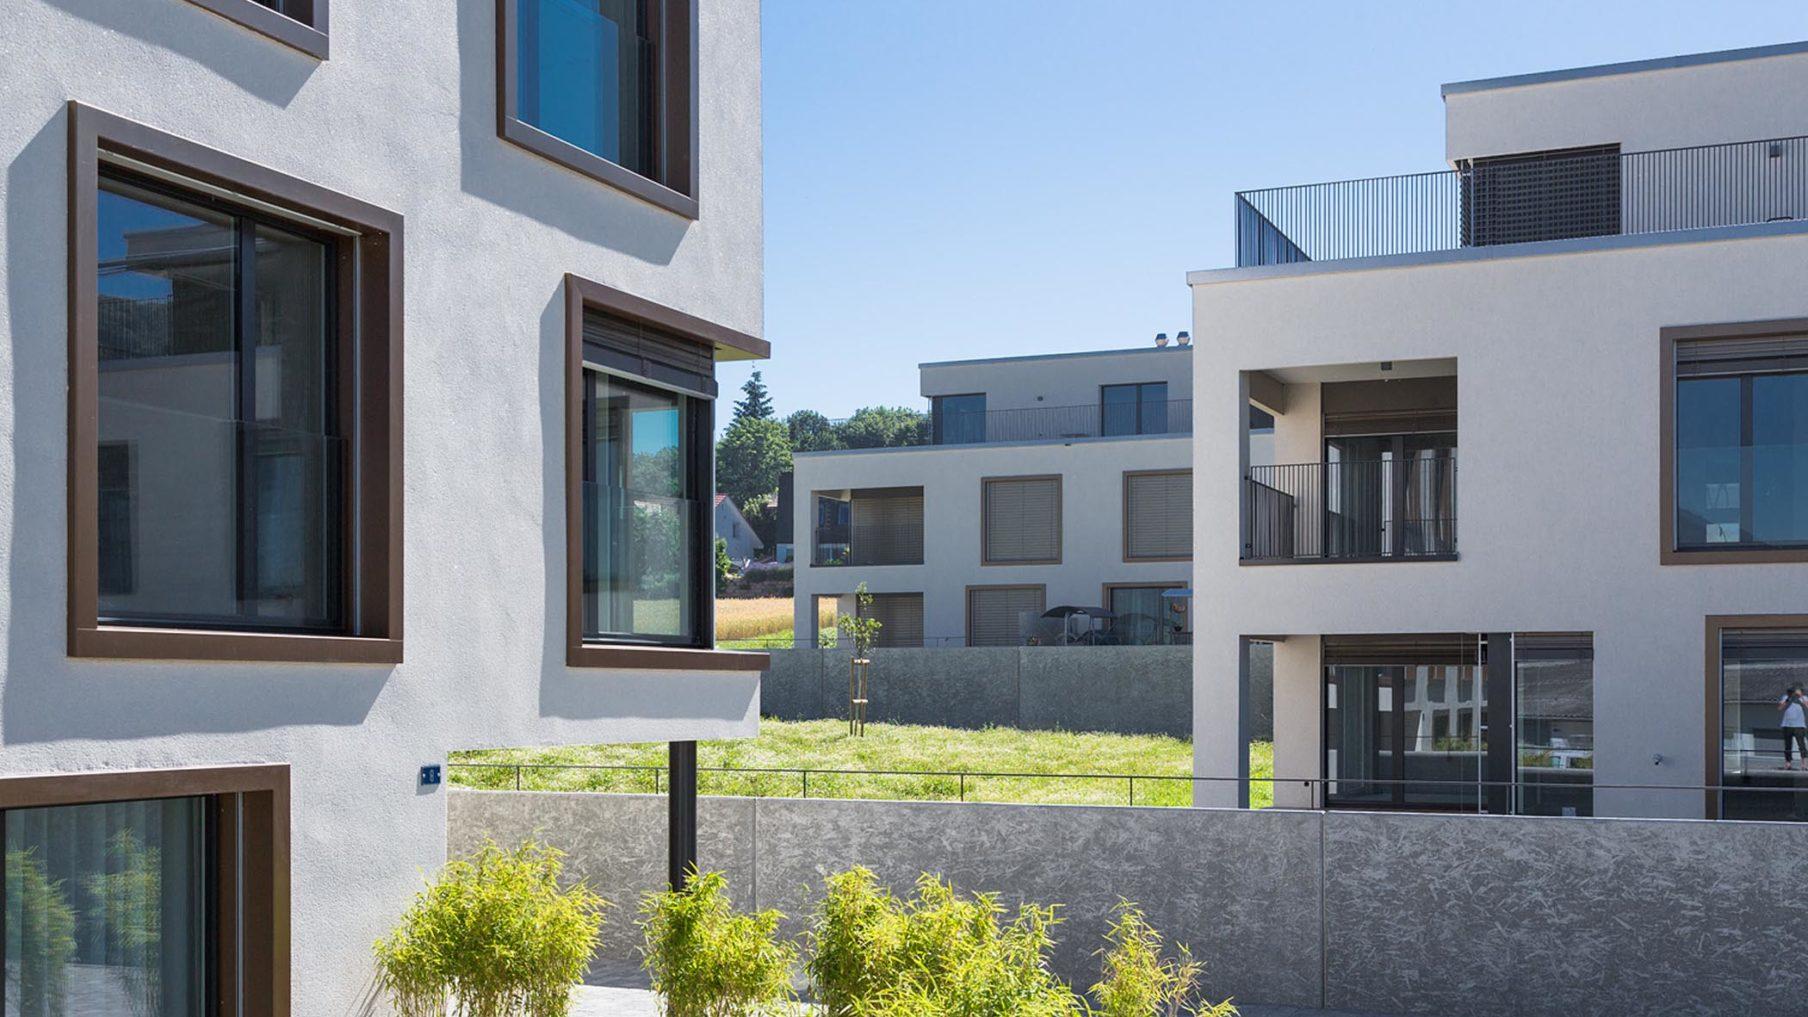 Wohnüberbauung Büntenacker Starrkirch-Wil (Fertigstellung 2015)